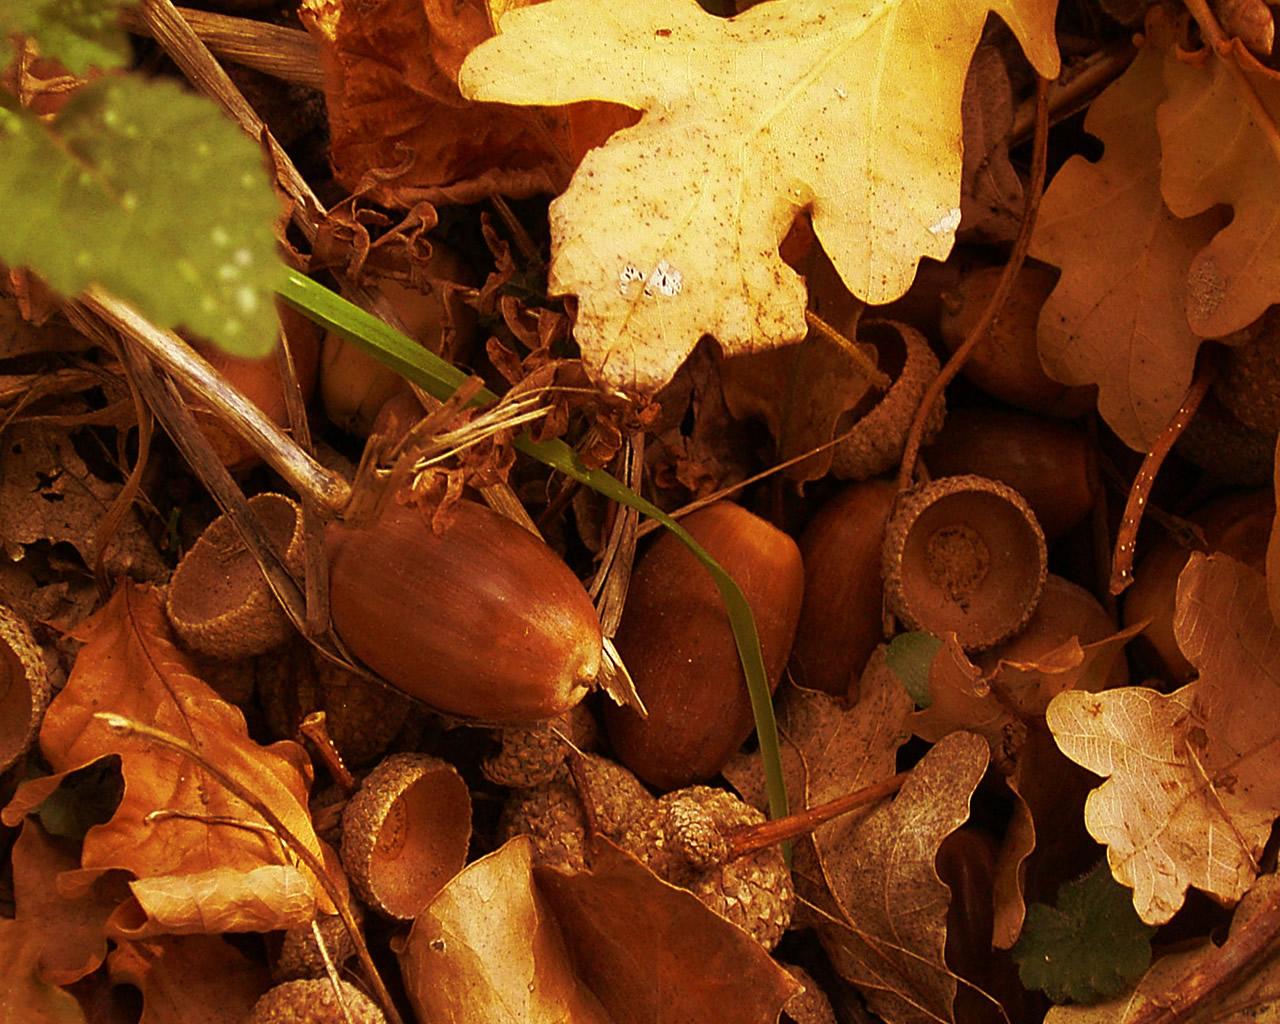 желуди, осенний листопад, скачать фото, обои для рабочего стола, листья, обои для рабочего стола